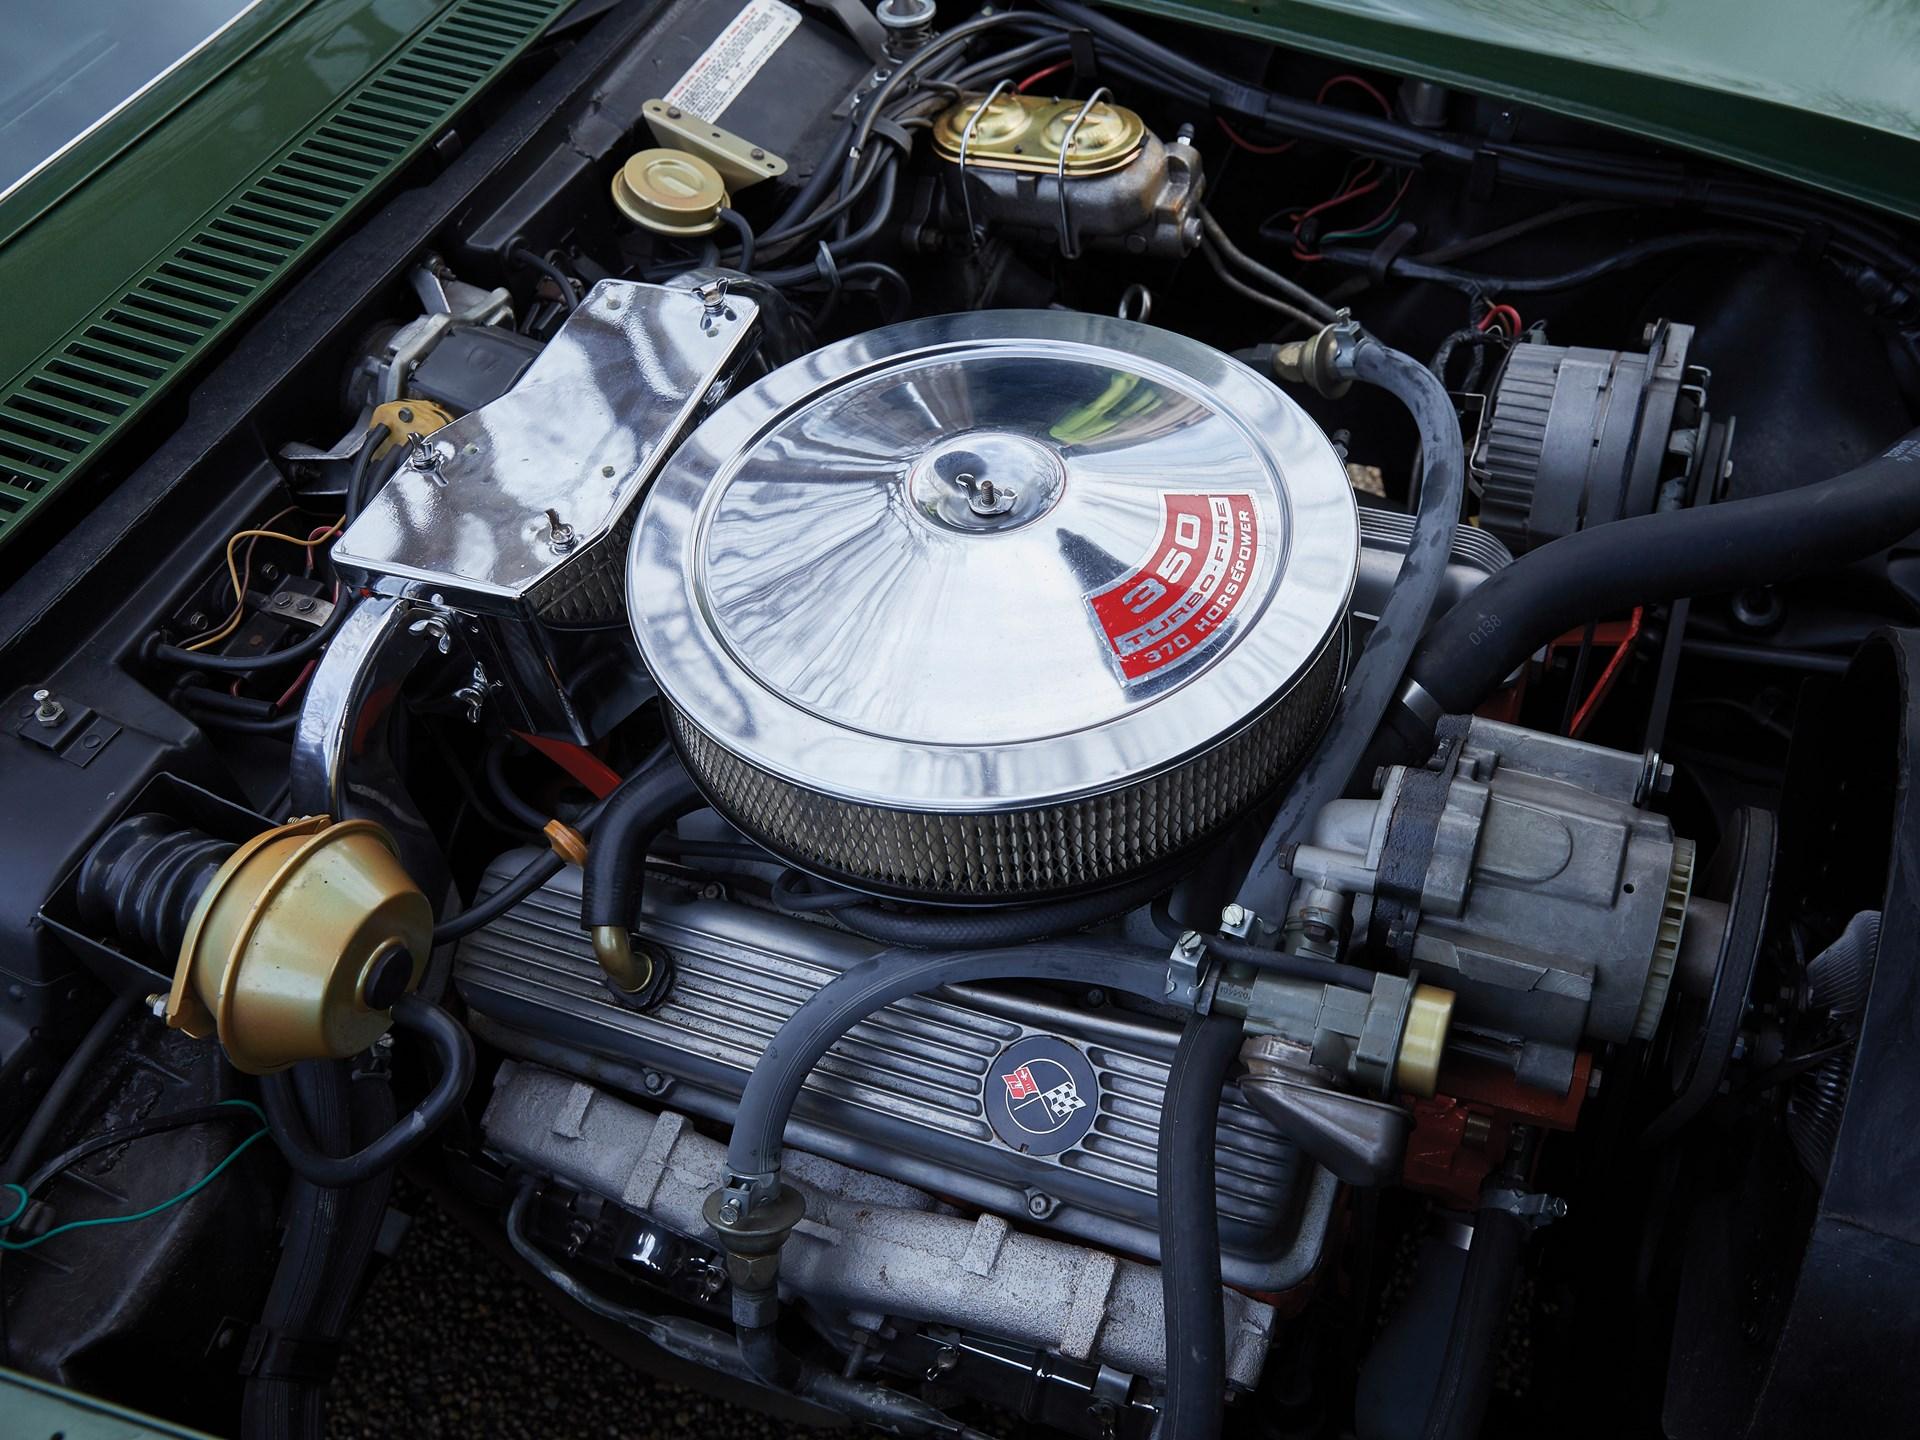 RM Sotheby's - 1970 Chevrolet Corvette Stingray LT1